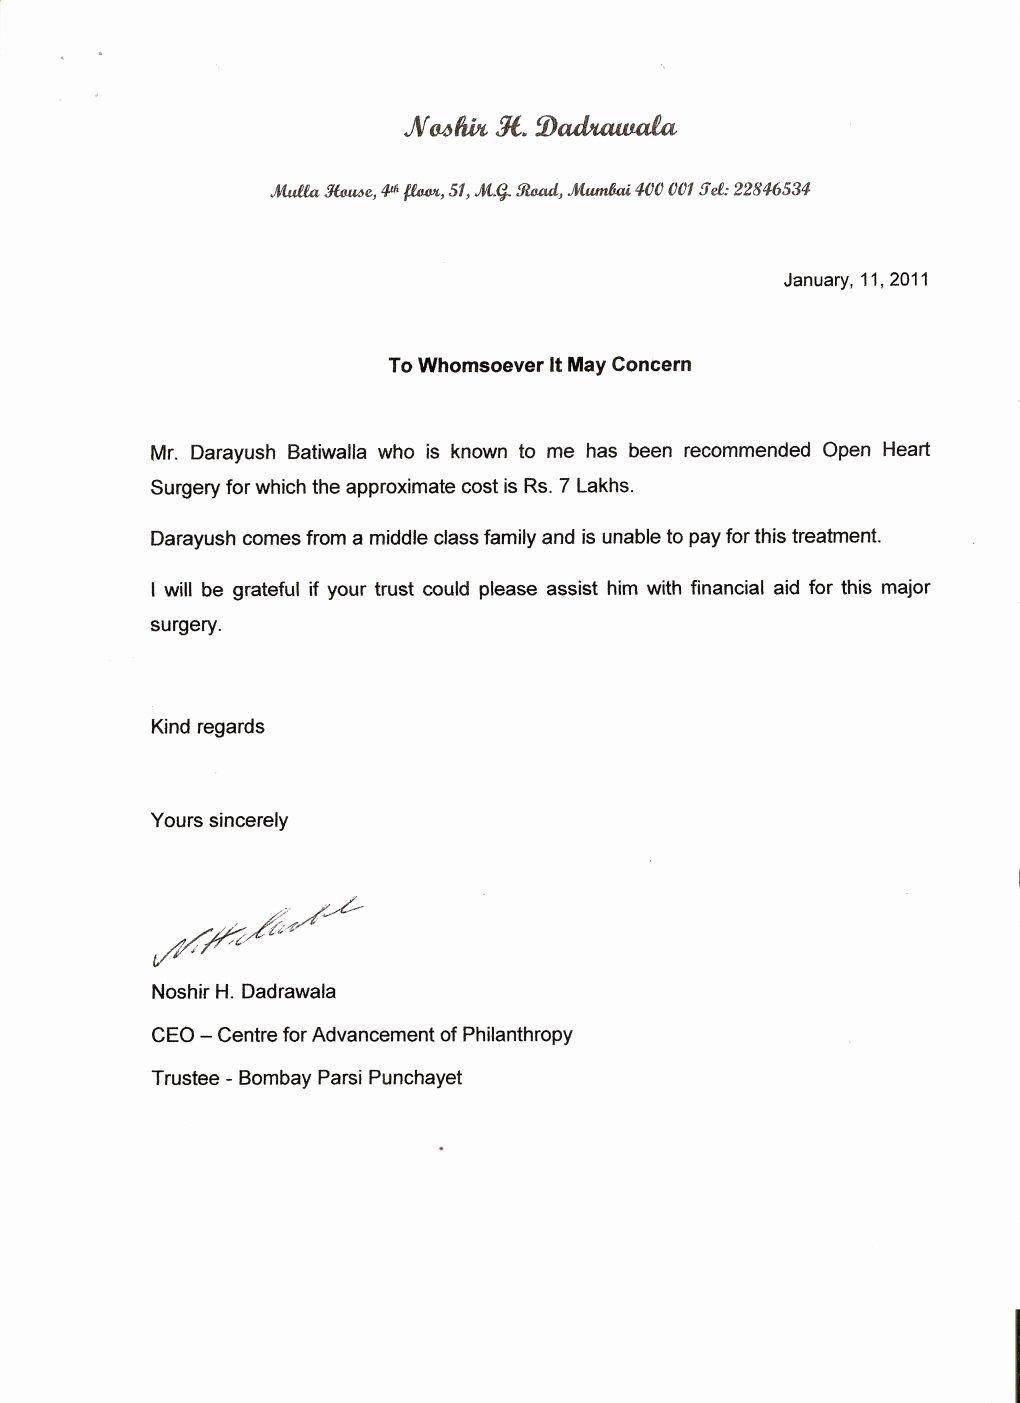 Sample Request Letter for Medical assistance Sample